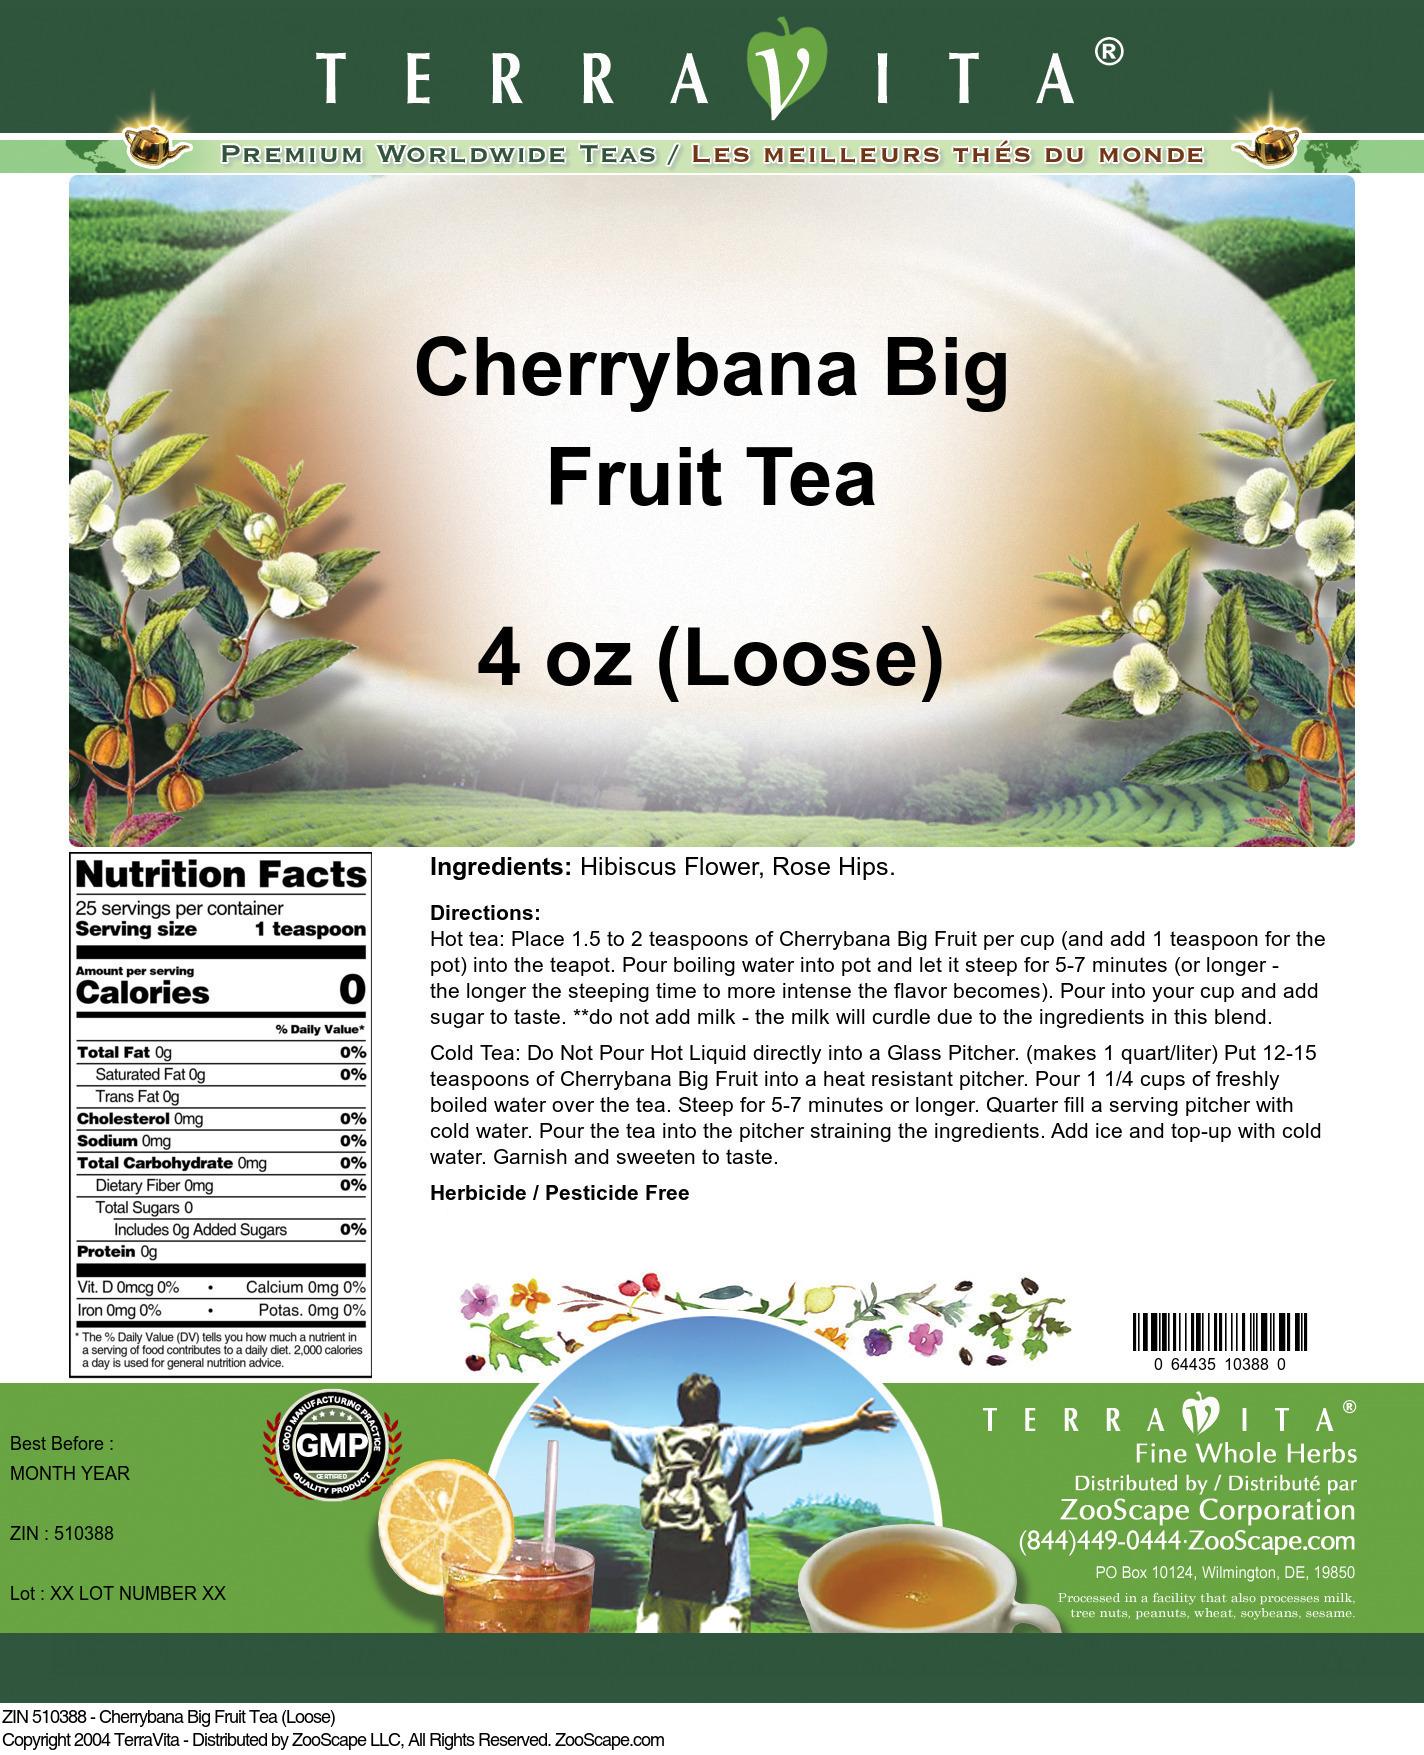 Cherrybana Big Fruit